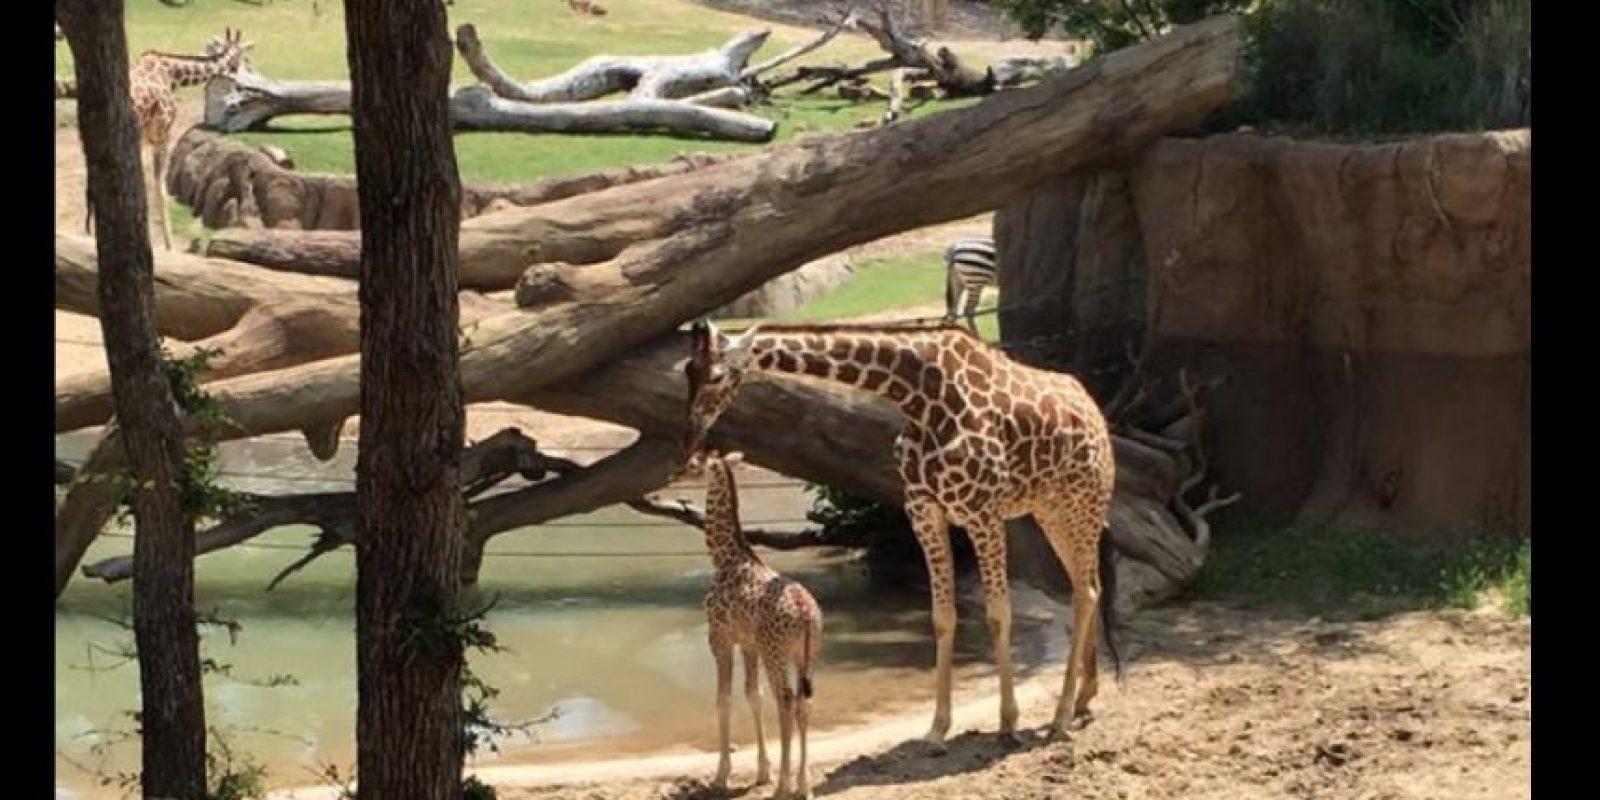 Todo ocurrió cuando chocó con el perímetro que protegía su hábitat en el zoológico. Foto:Vía facebook.com/kelly.qualls